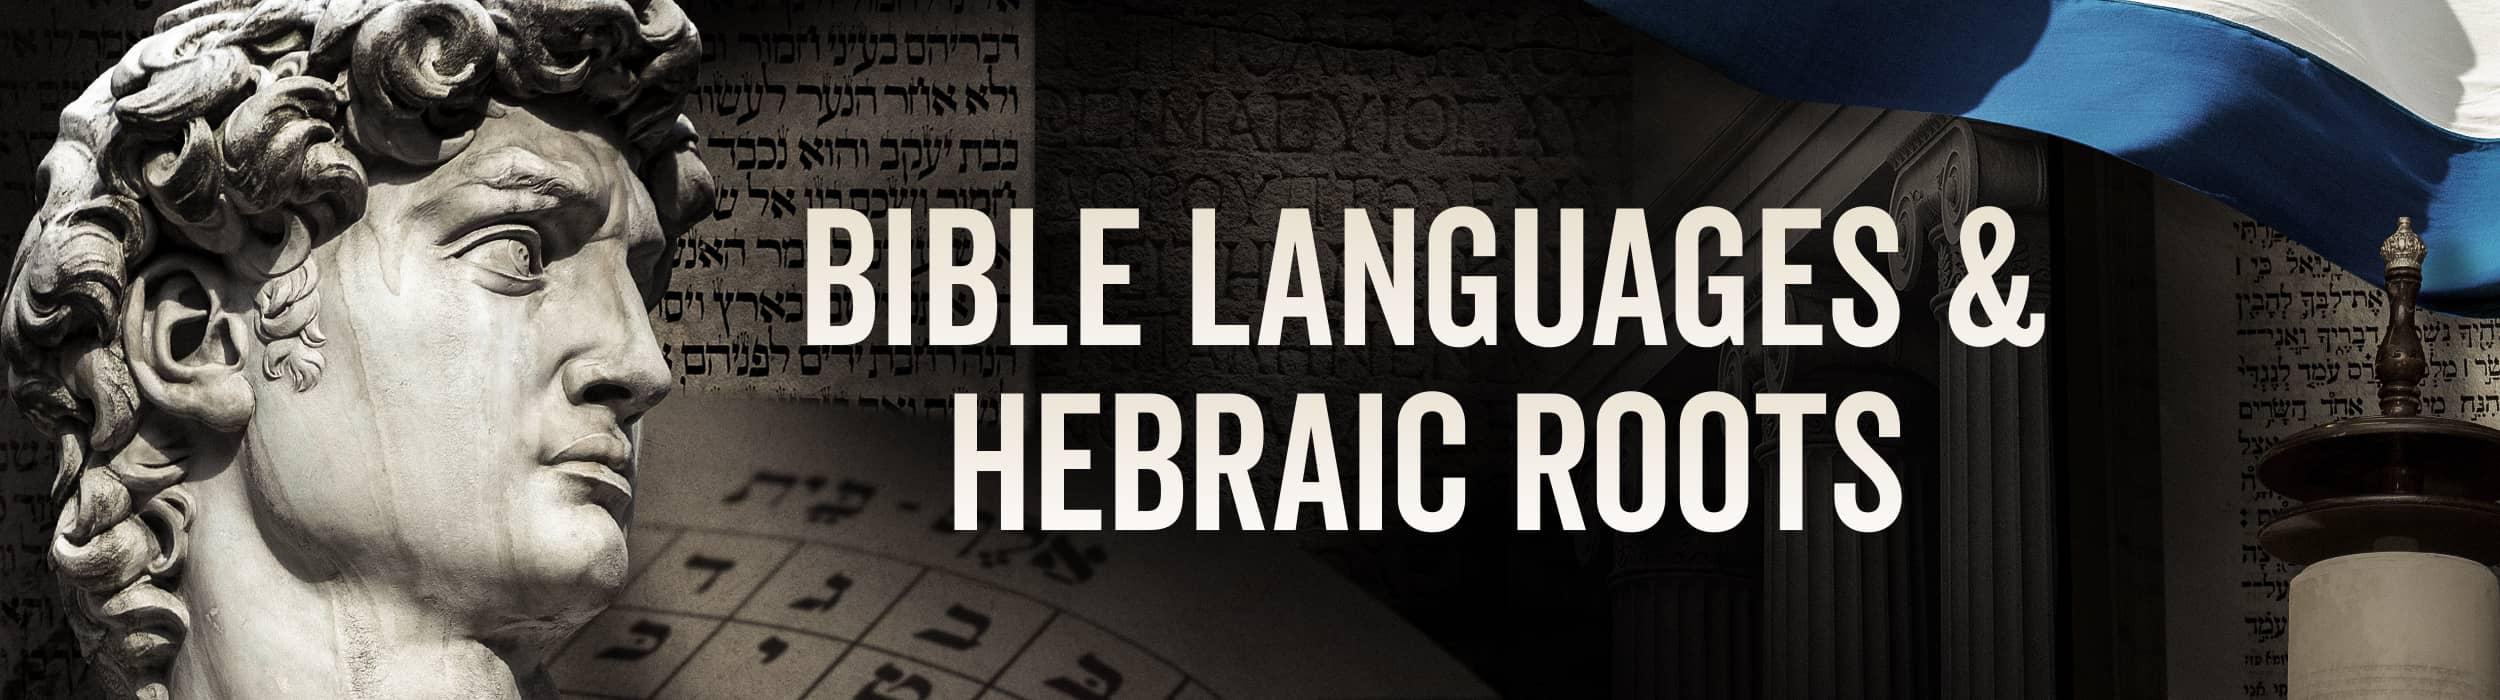 Online Bible Language Courses, Online Hebraic Bible Study Courses